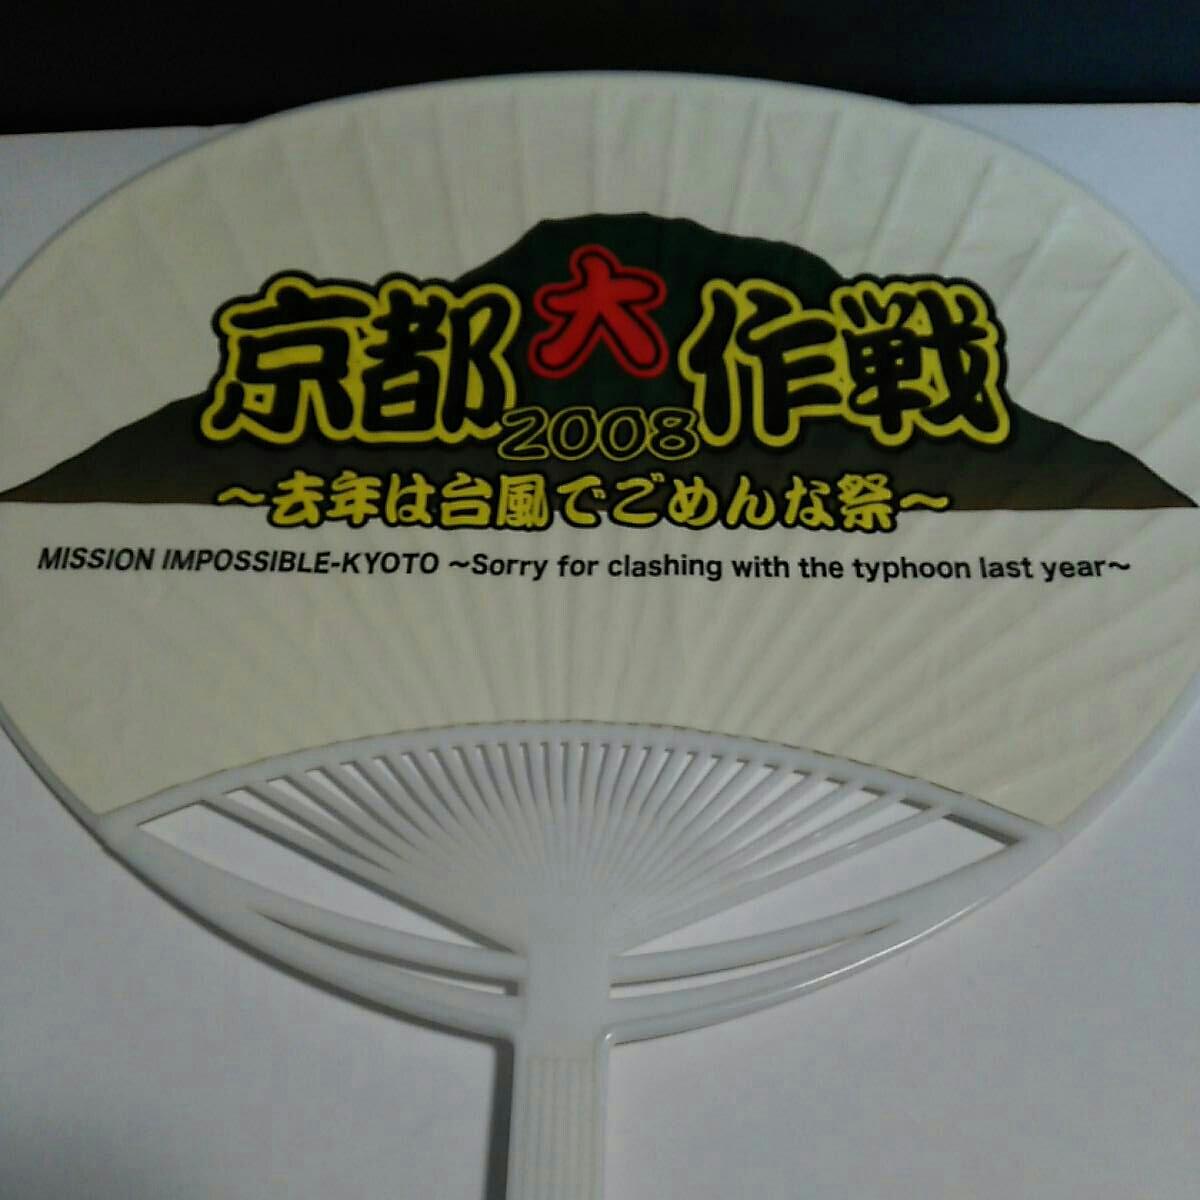 京都大作戦2008 去年は台風でごめんな祭会場限定うちわ 超レア